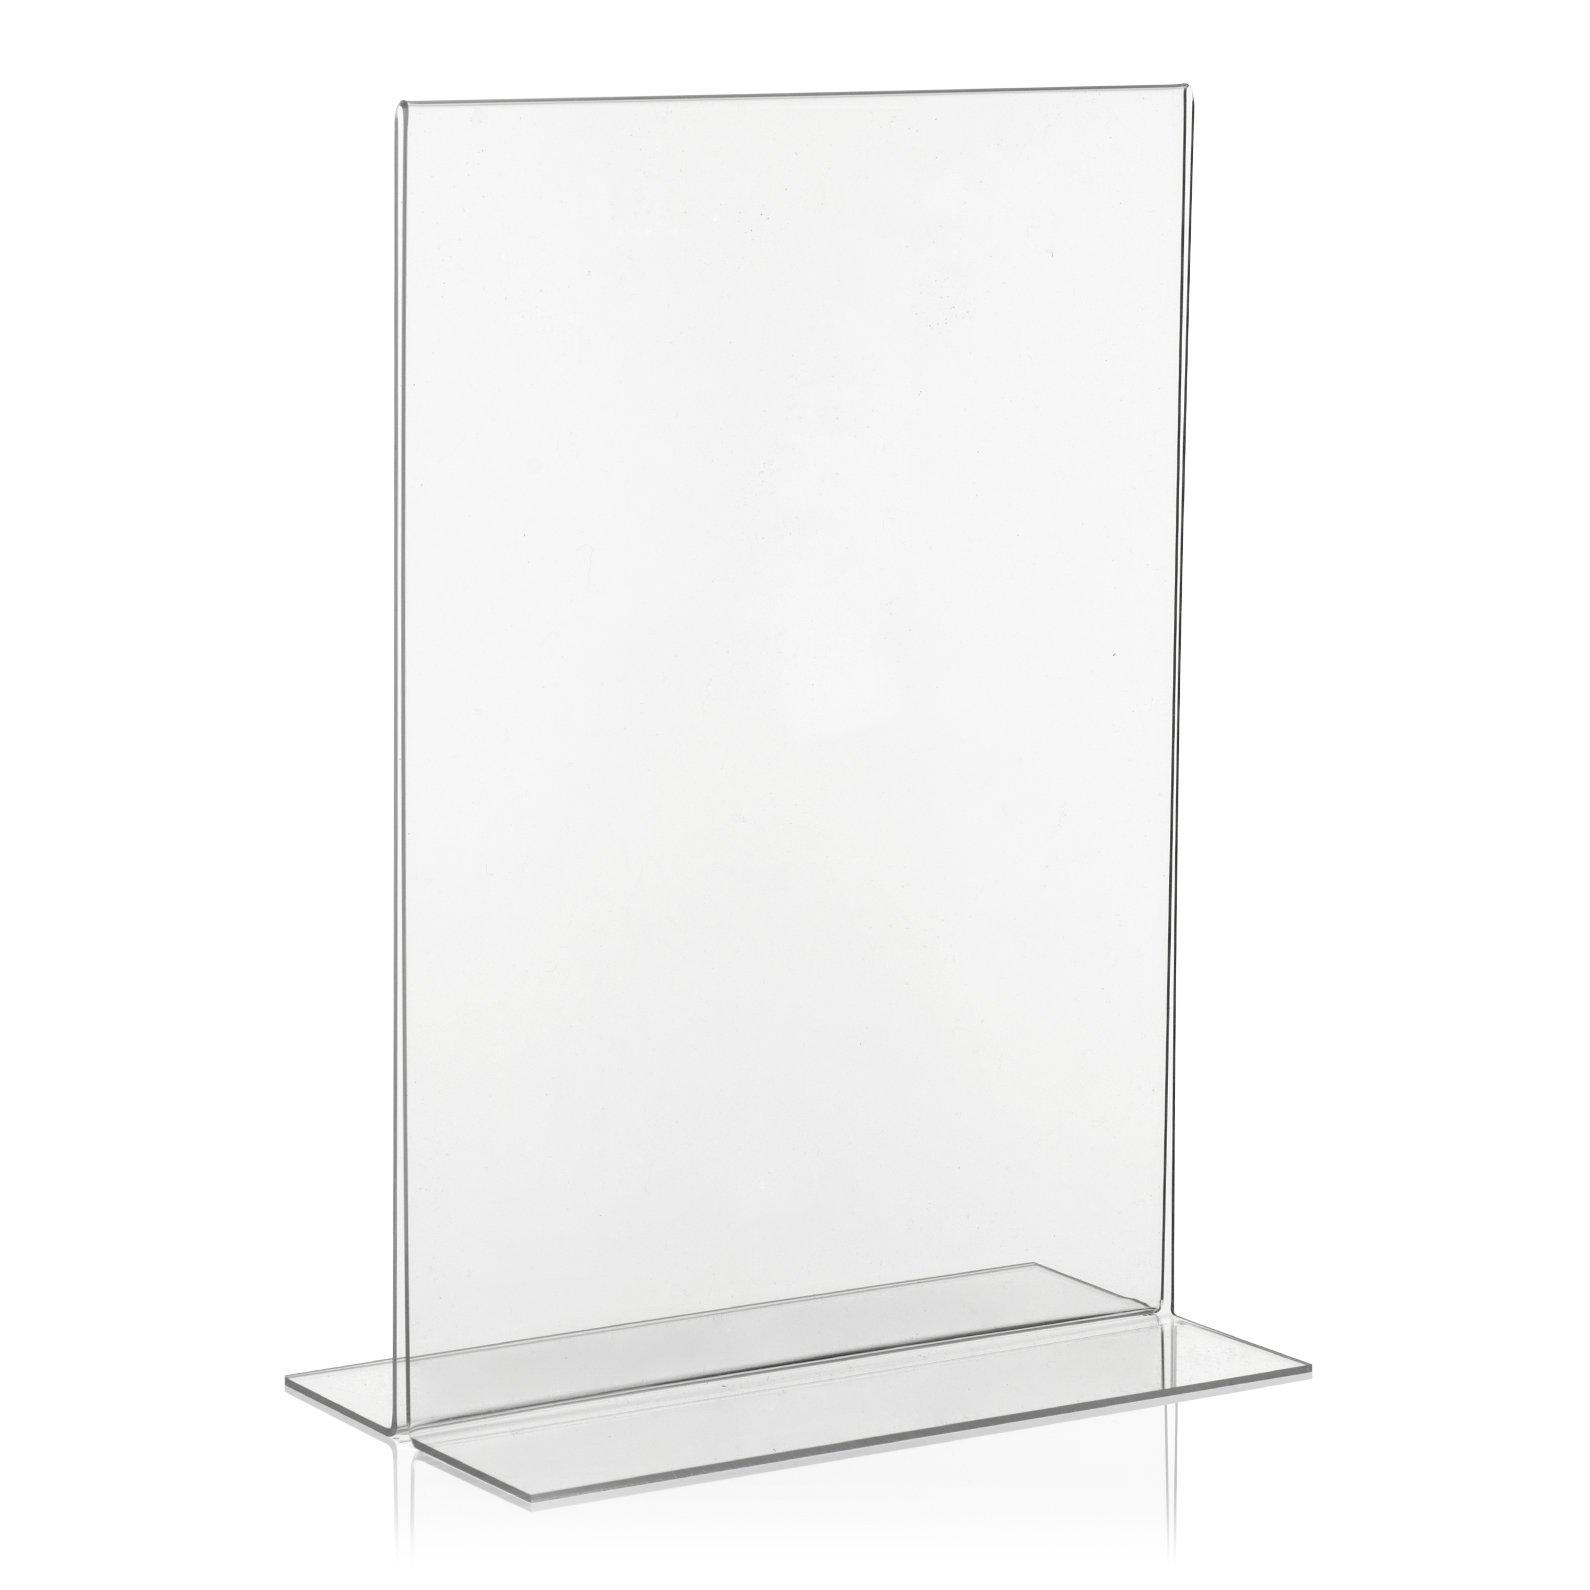 30 DIN A 8 AUFSTELLER NEU GLAS PREISSCHILD L-STÄNDER WERBESTÄNDER WERBUNG PLEXI